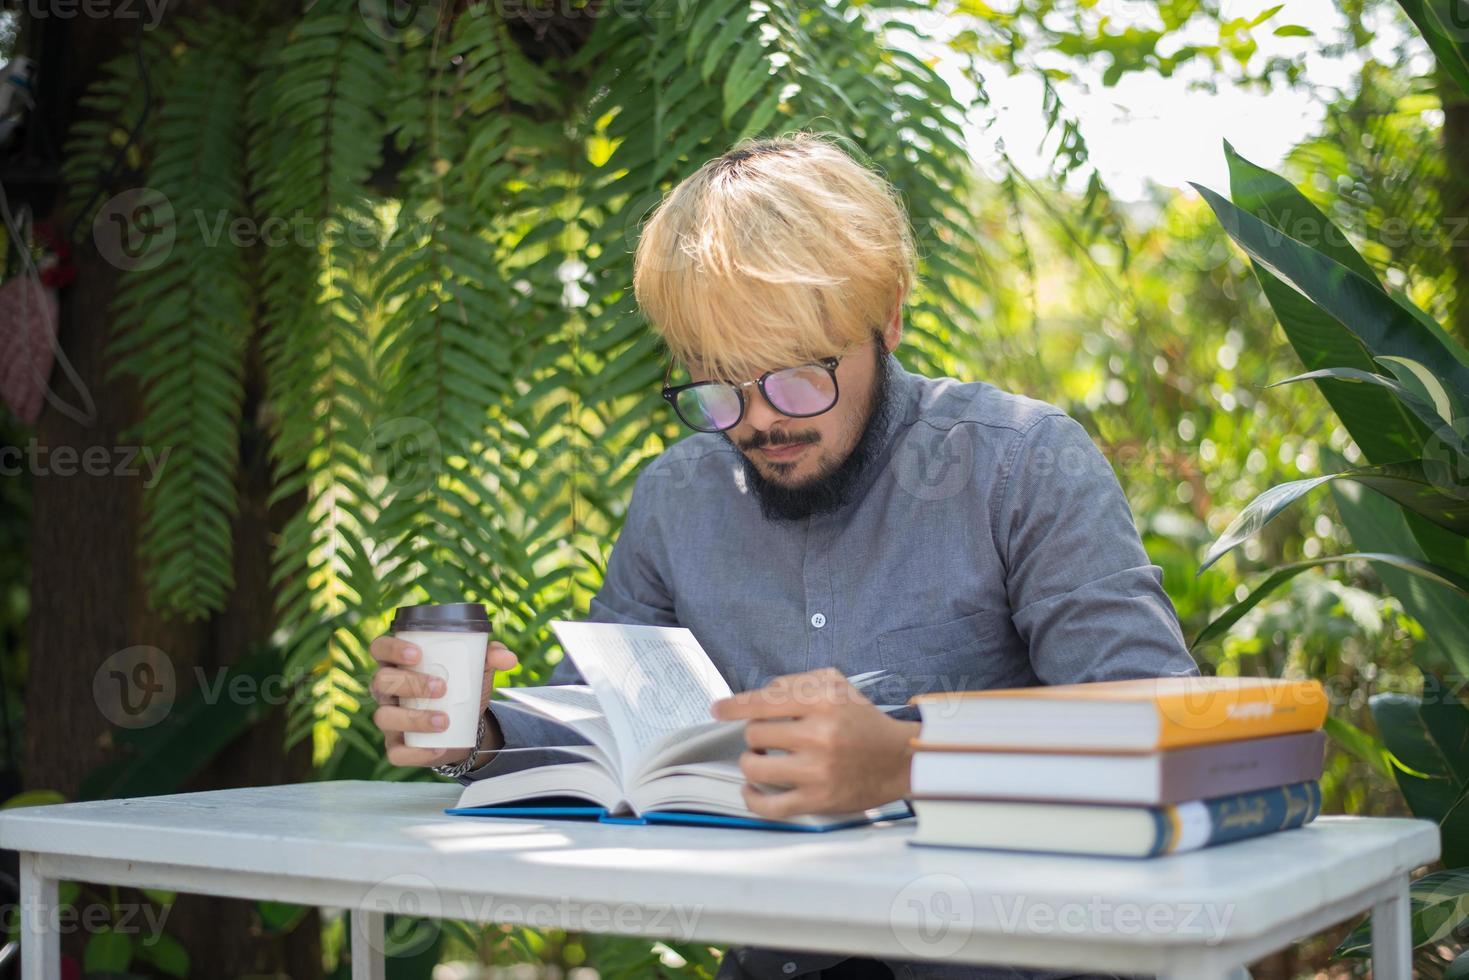 Jeune homme barbe hipster buvant du café en lisant des livres dans le jardin avec la nature photo